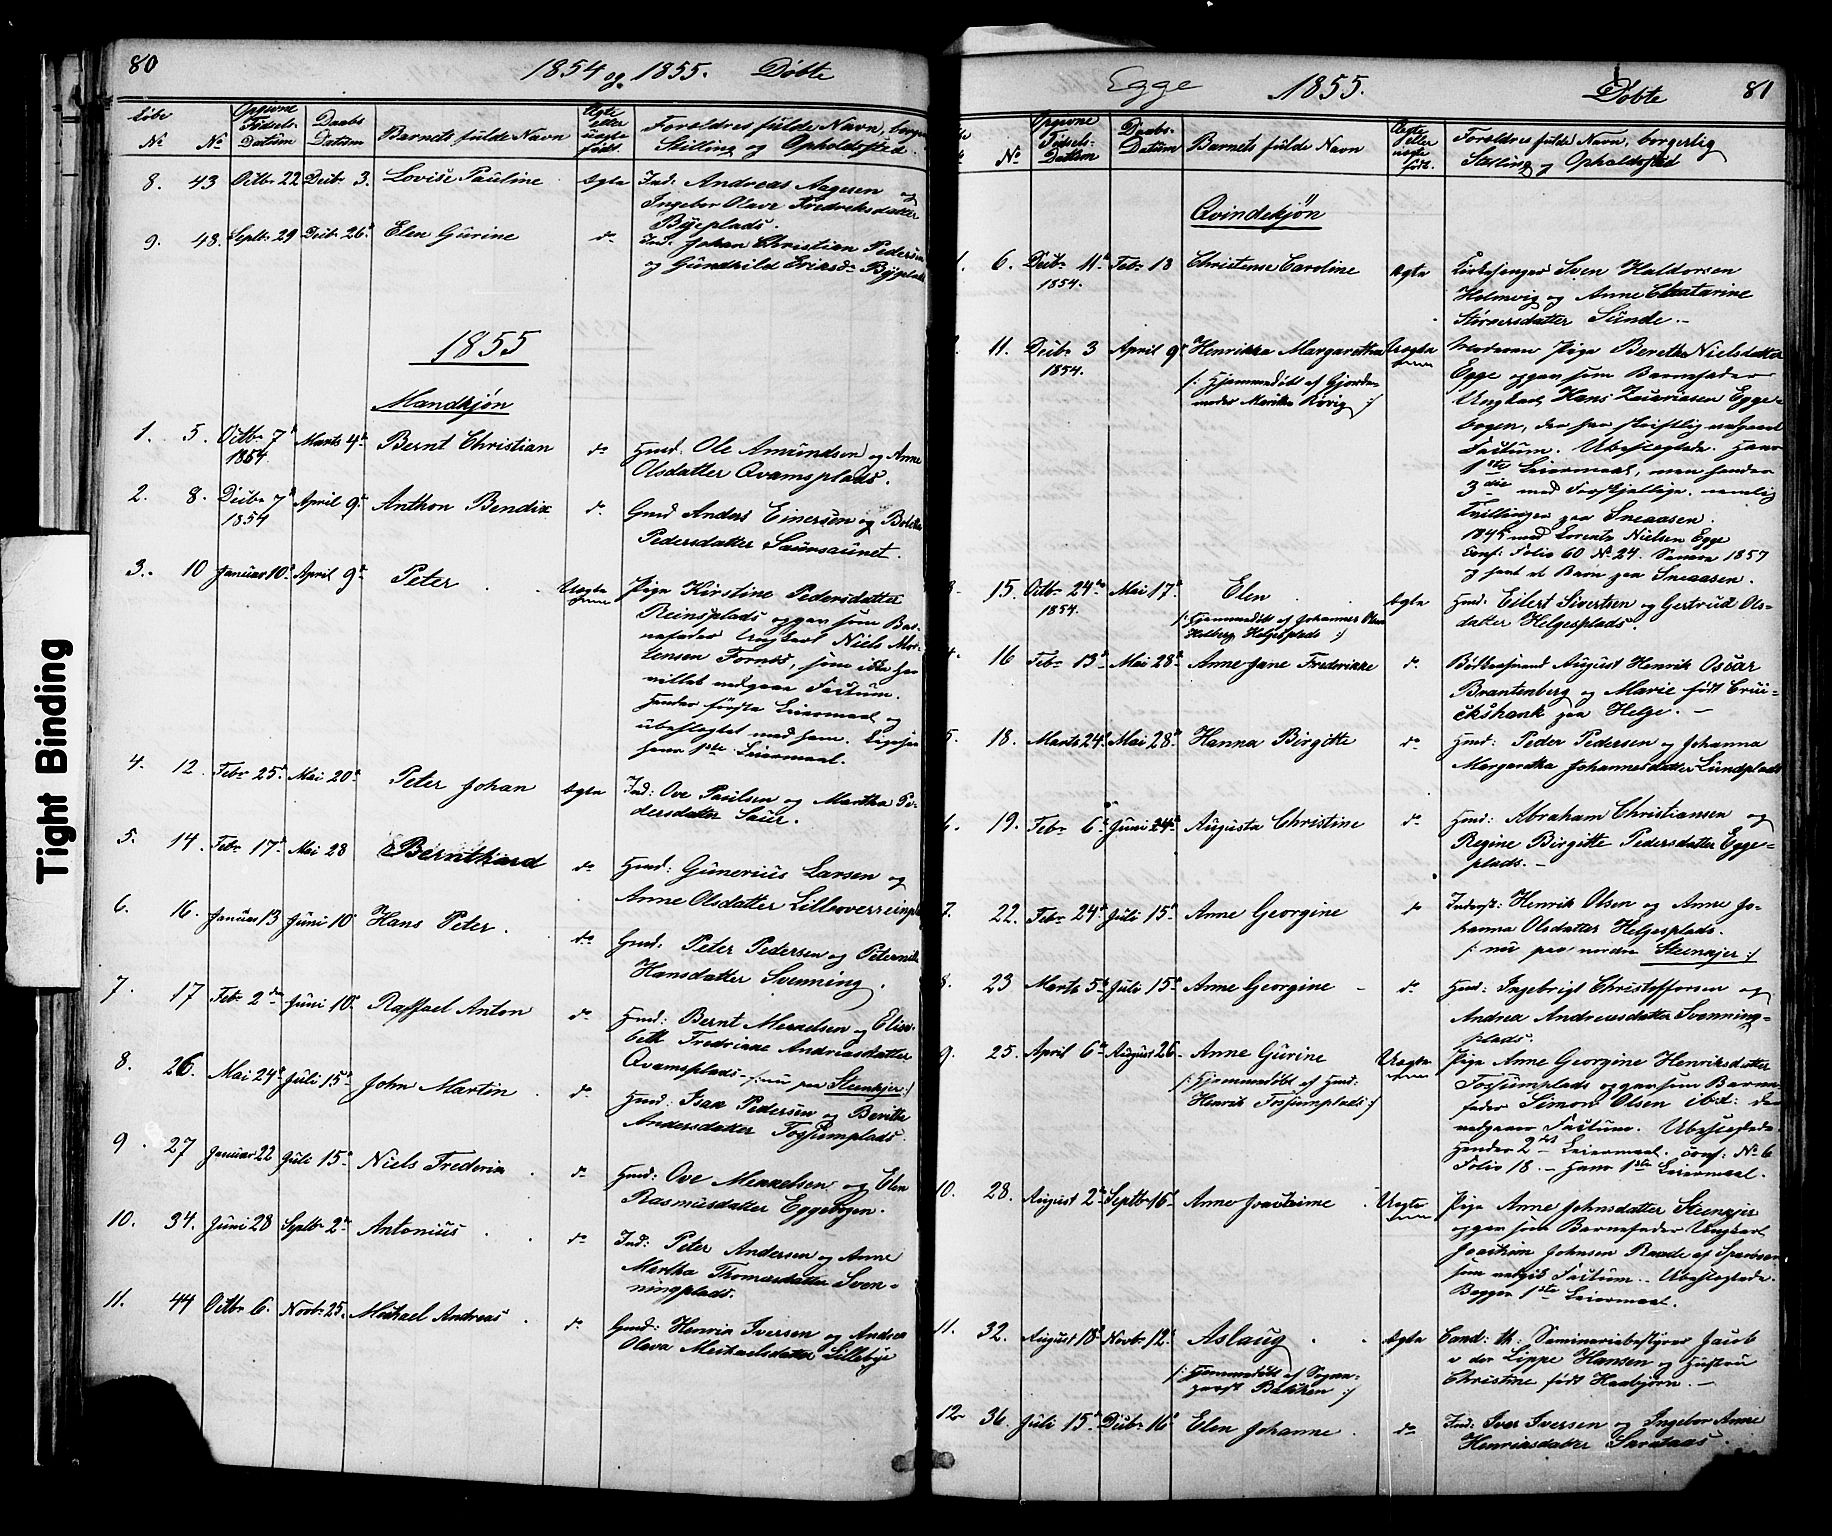 SAT, Ministerialprotokoller, klokkerbøker og fødselsregistre - Nord-Trøndelag, 739/L0367: Ministerialbok nr. 739A01 /3, 1838-1868, s. 80-81